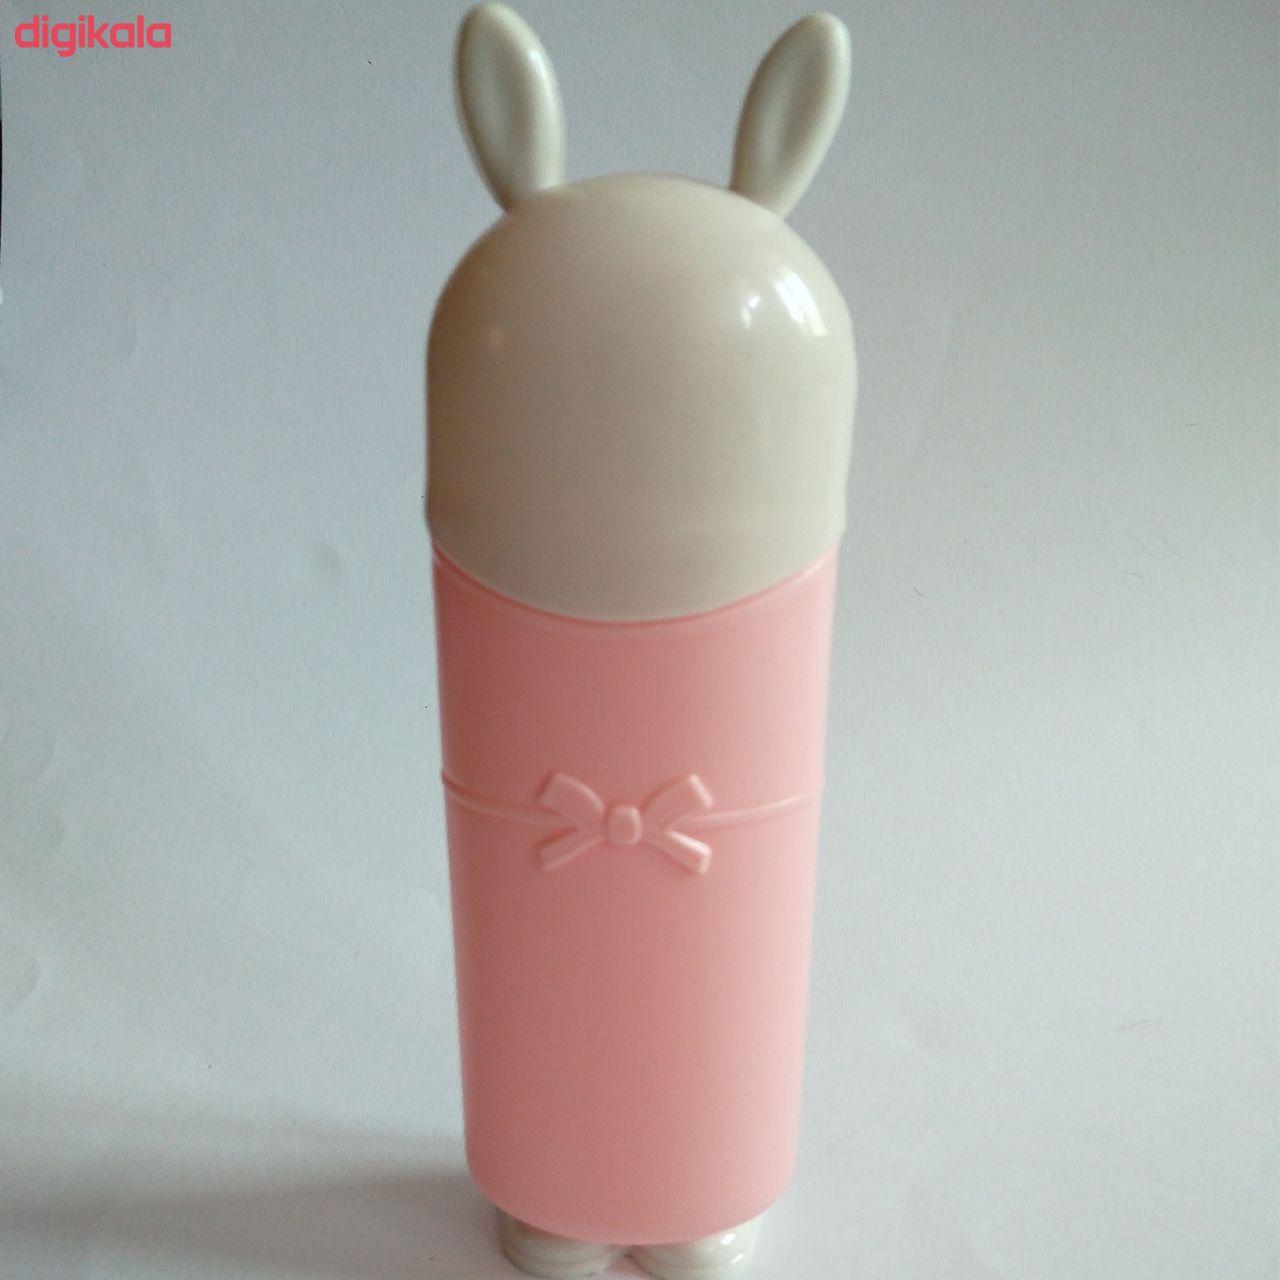 جامسواکی طرح خرگوش مدل MP main 1 1